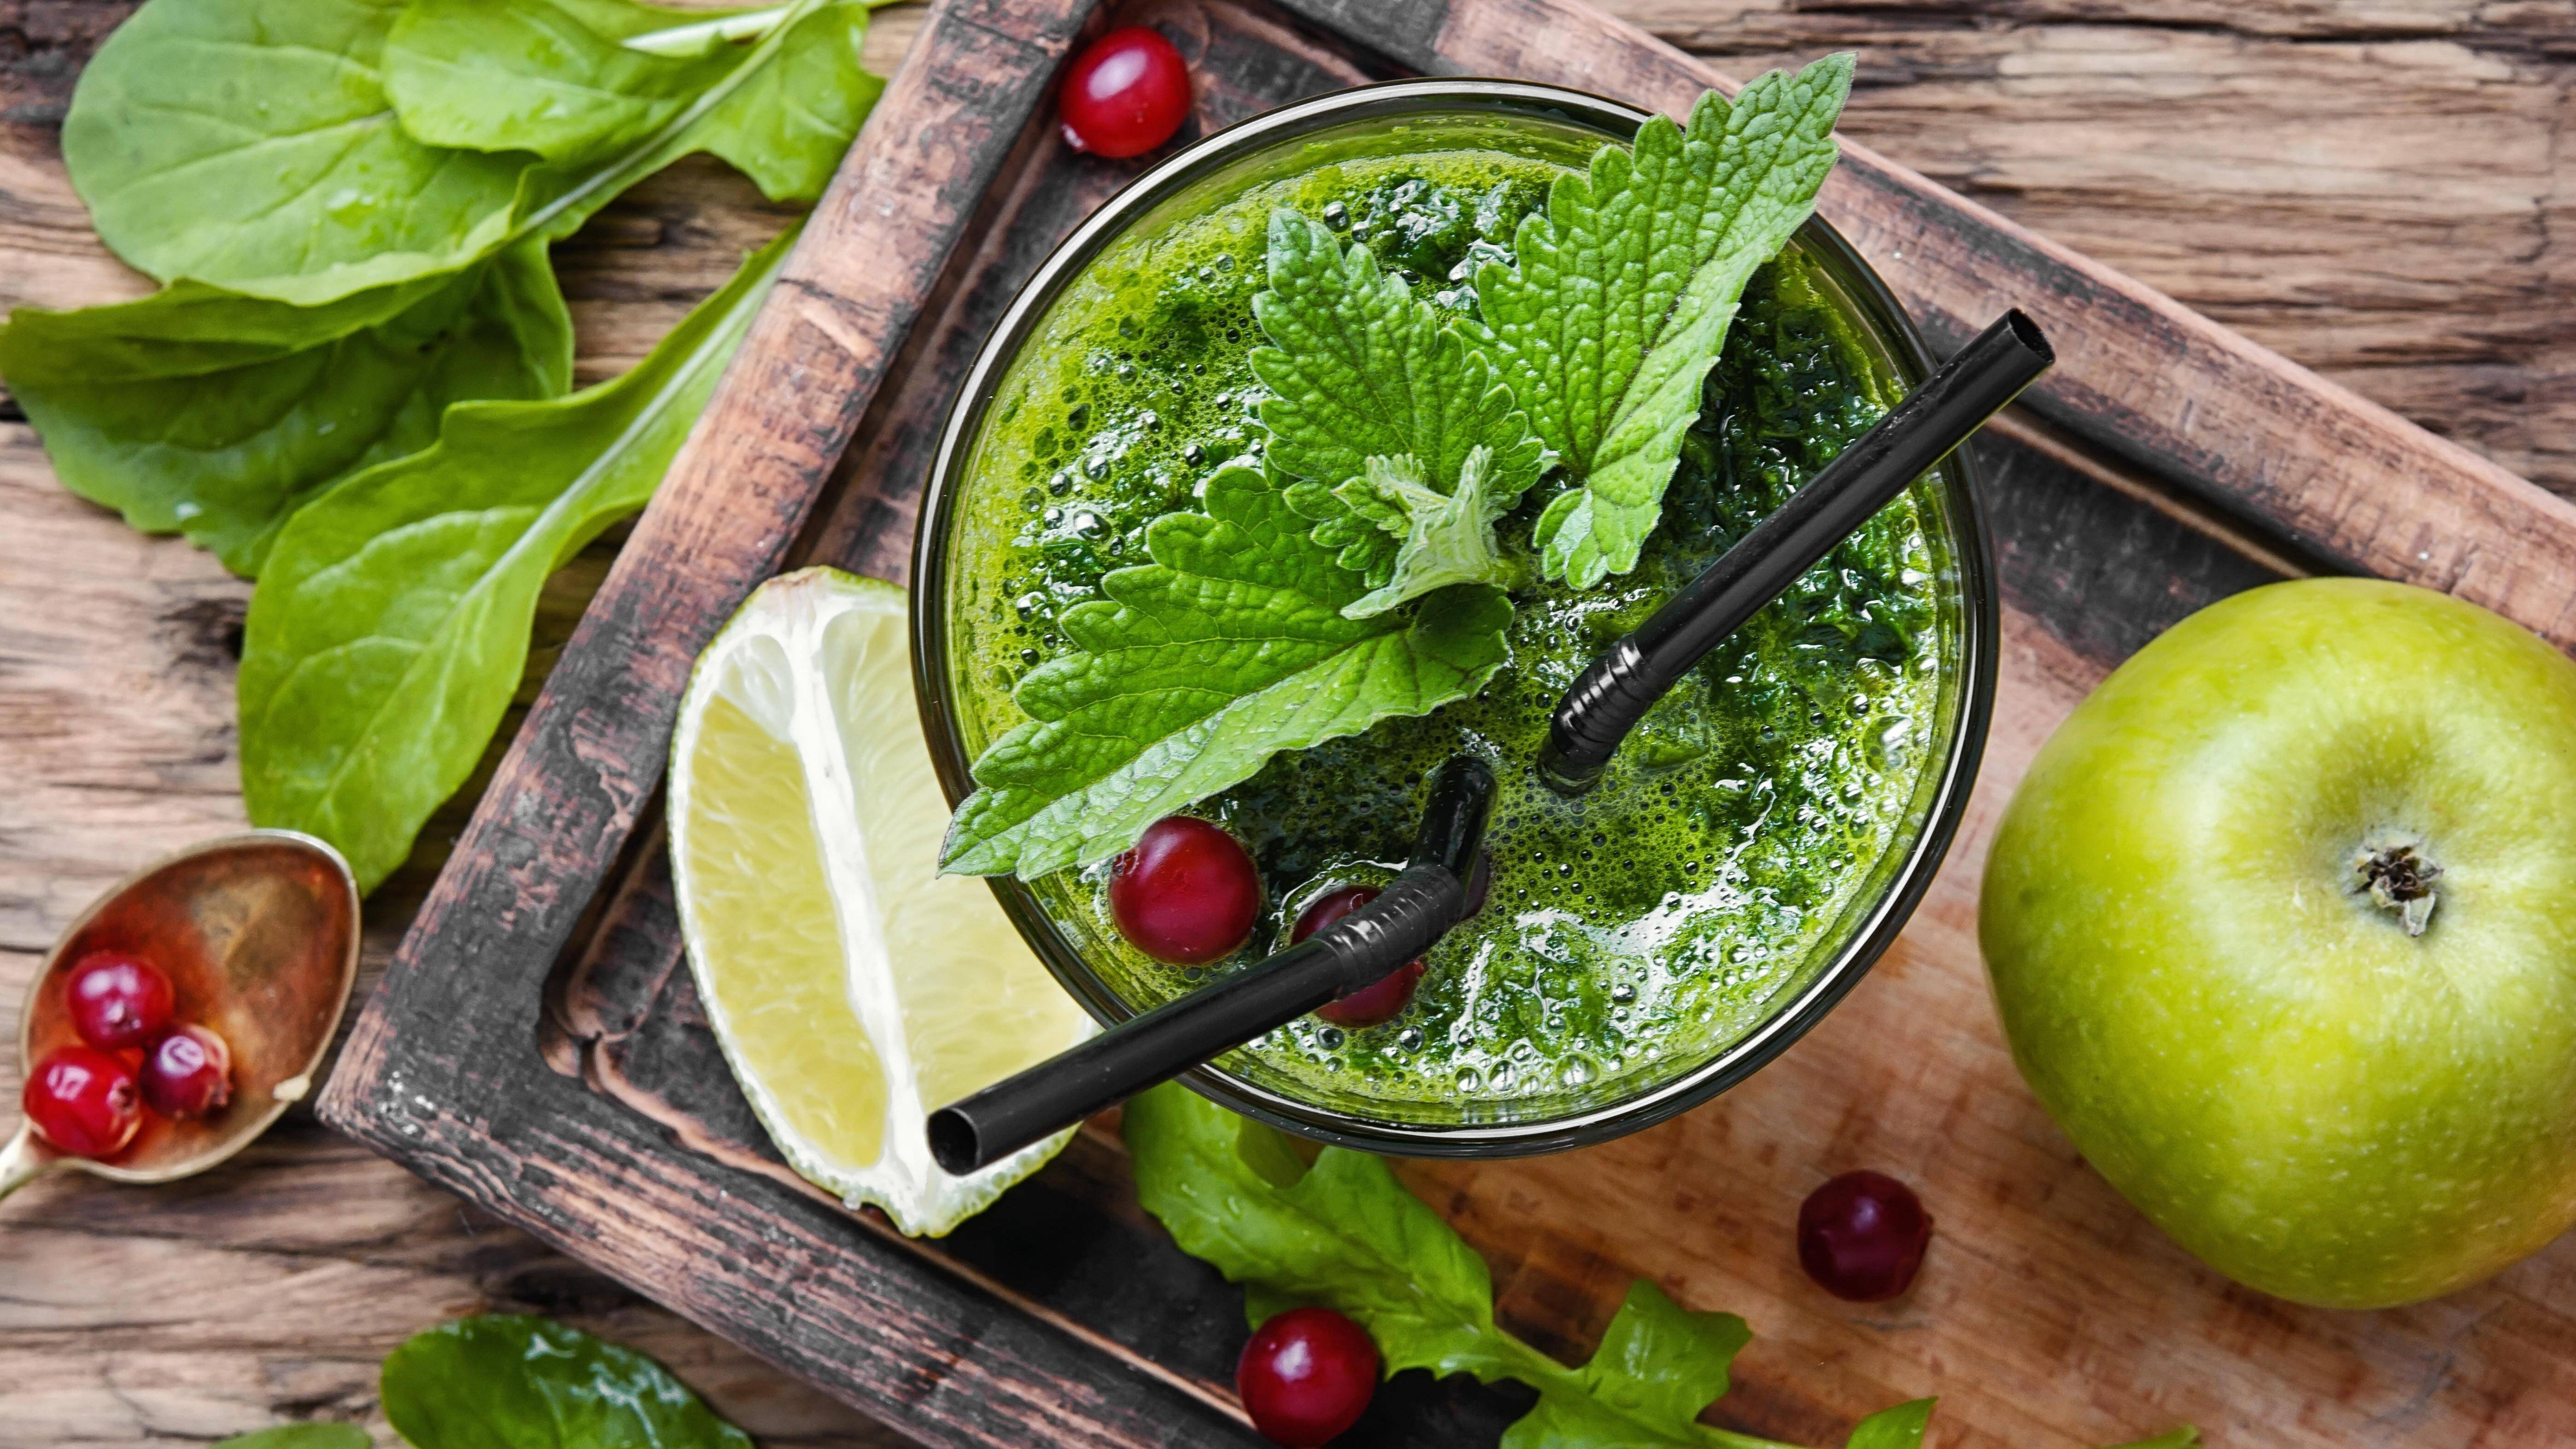 Der grüne Melonen-Smoothie hat den Effekt, dass er die Denkleistung erhöht.